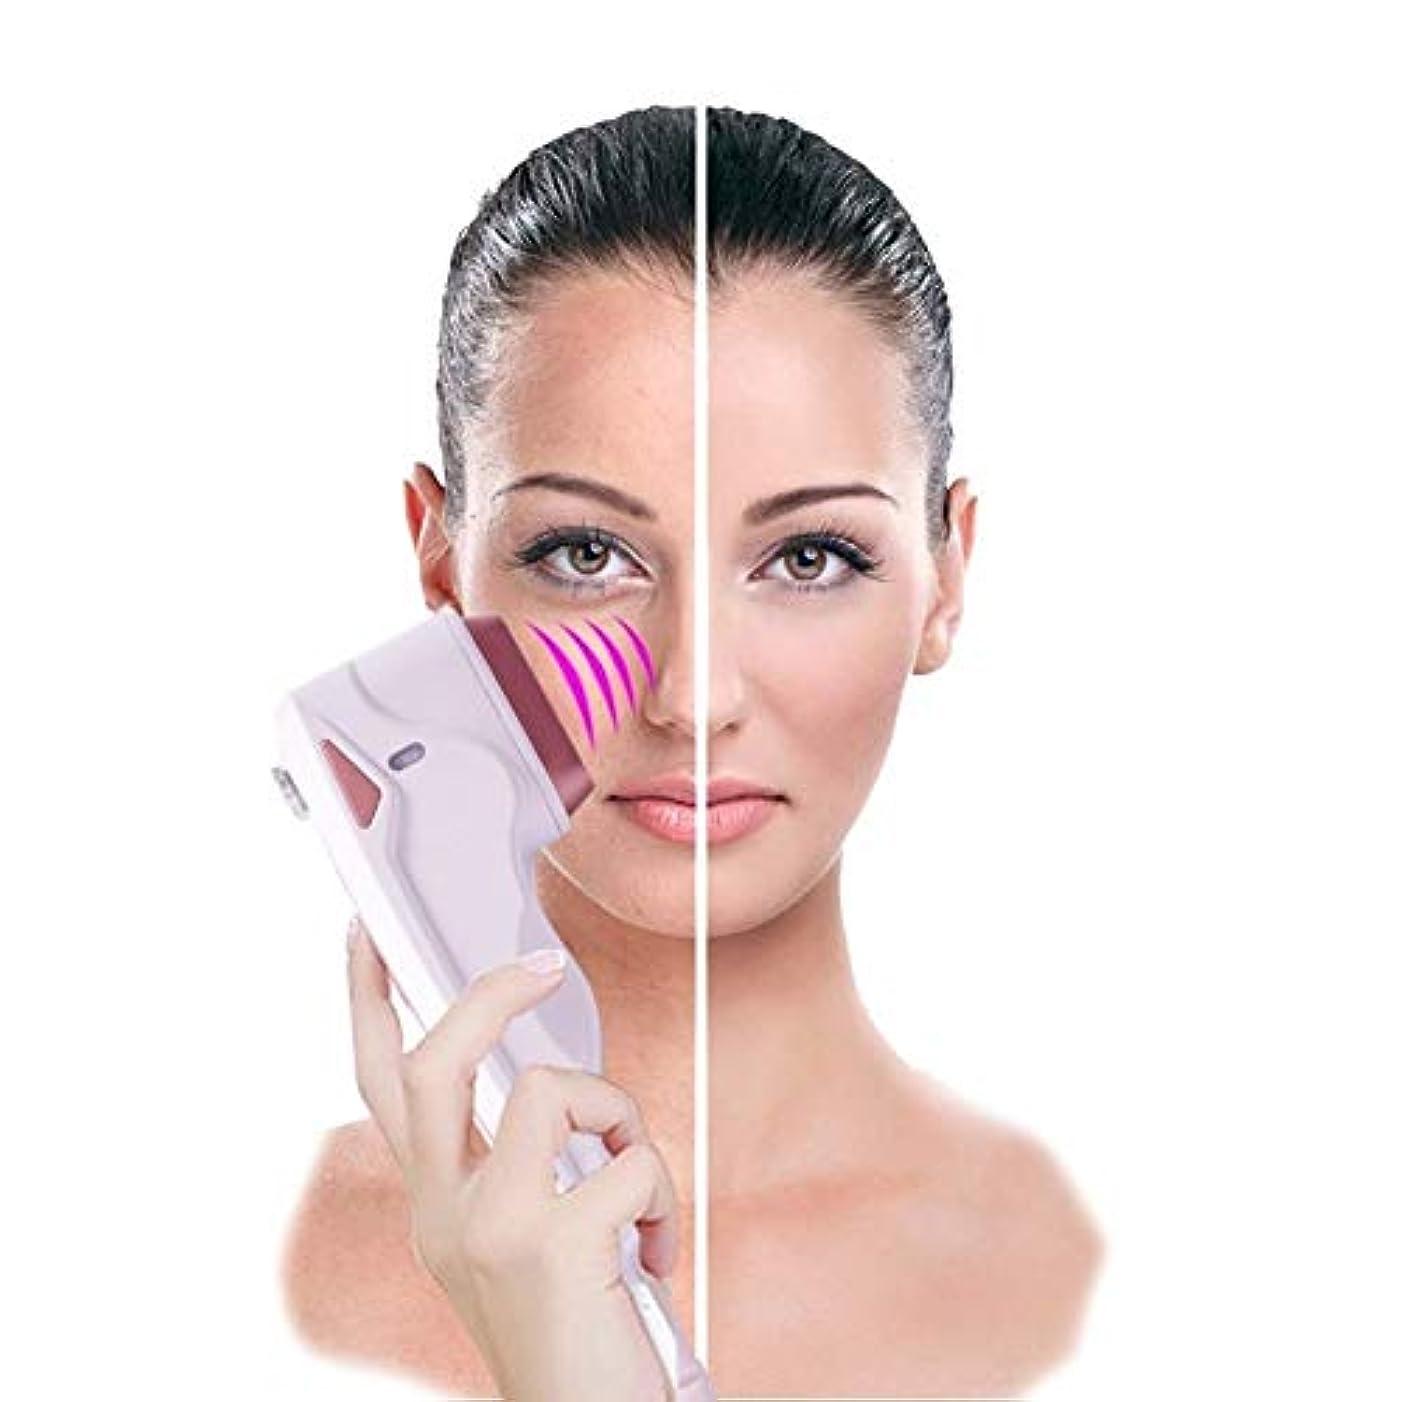 建物決めます凝視美顔術の持ち上がる機械振動無線周波数のしわは反老化のためのスキンケアの美装置を取り除きます、皮膚のきつく締まるガルバニック微電流の改装機械